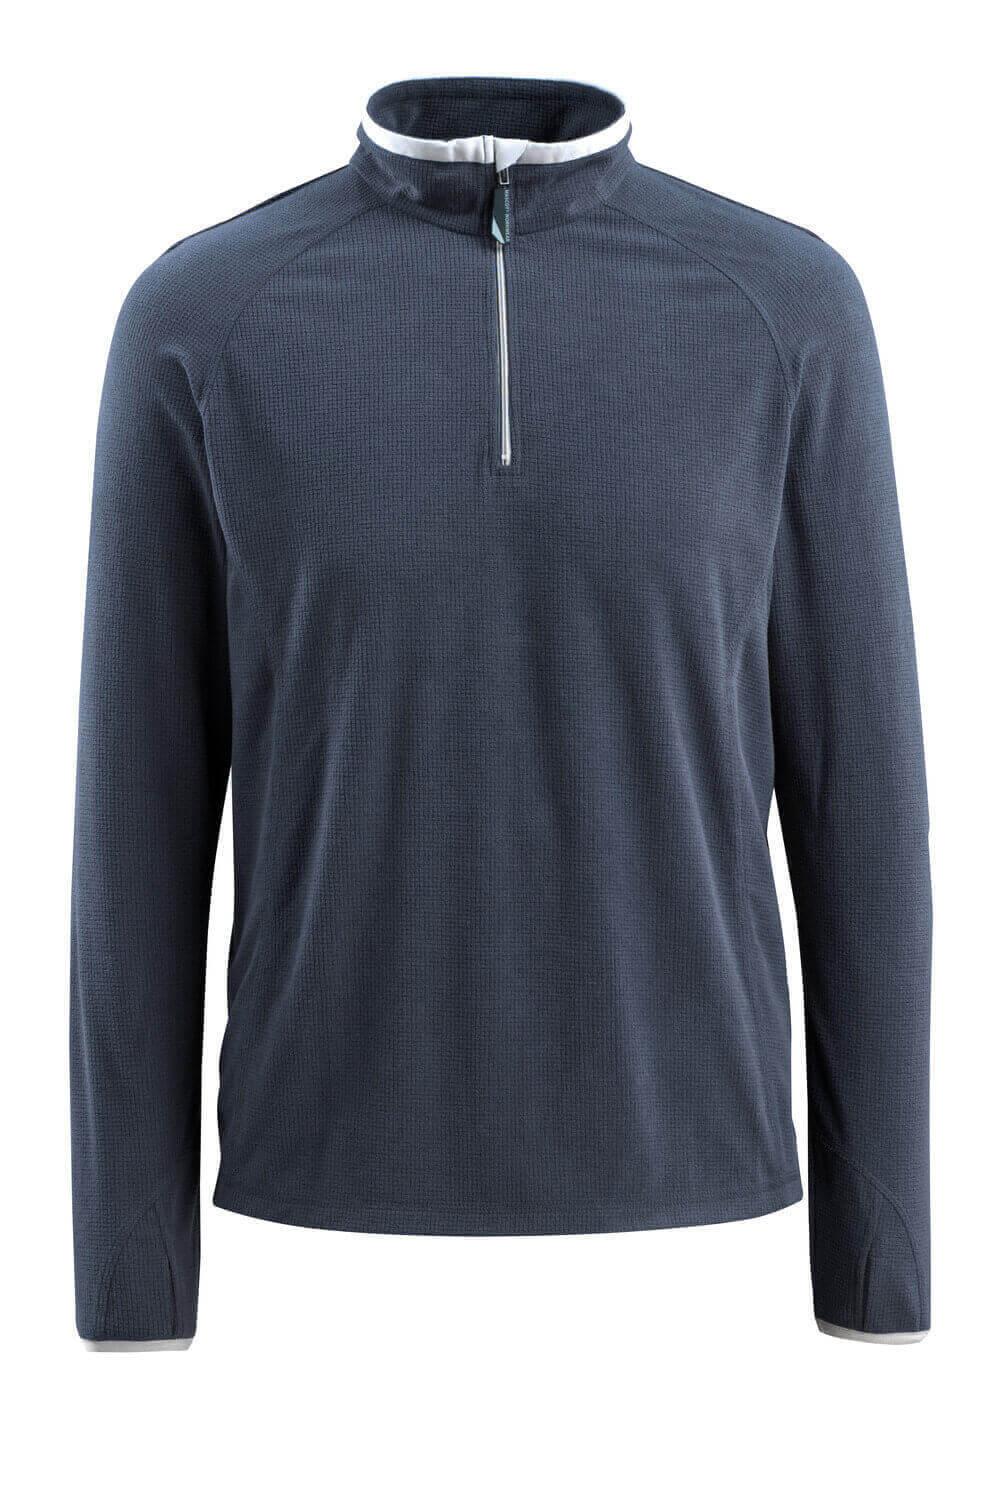 50148-239-010 Fleecepullover mit kurzer Reißverschluss - Schwarzblau